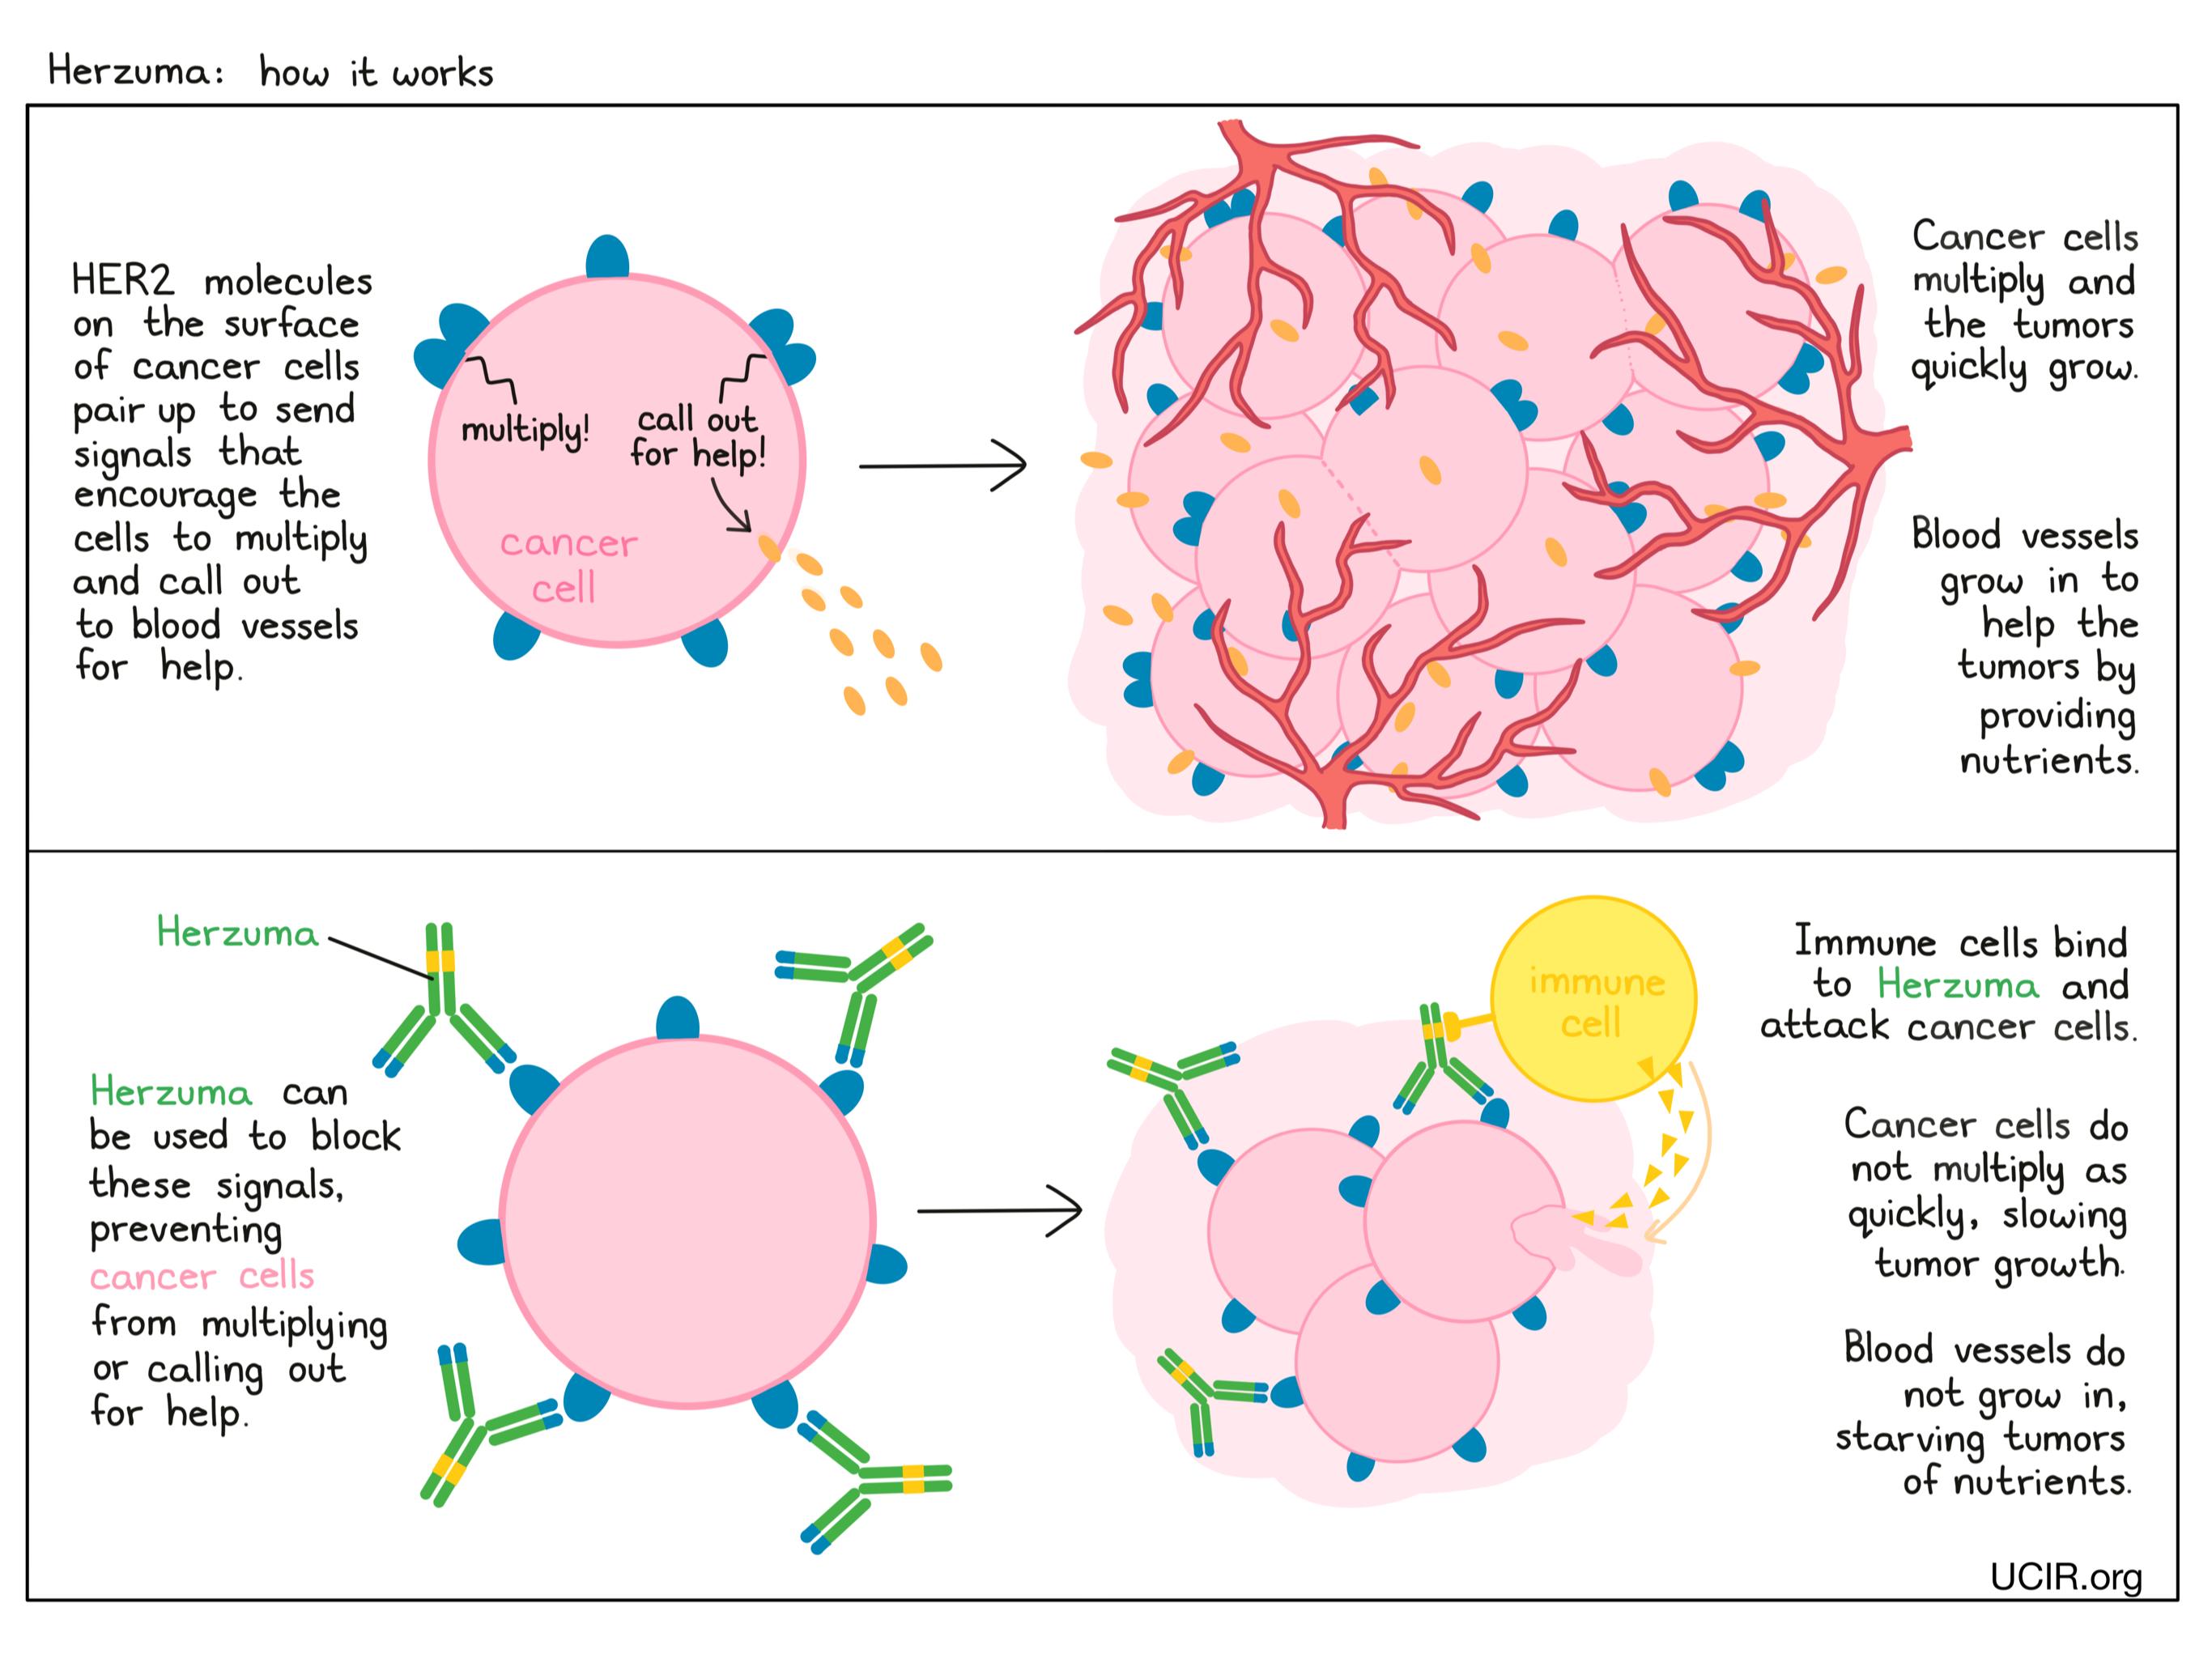 Illustration showing how Herzuma works